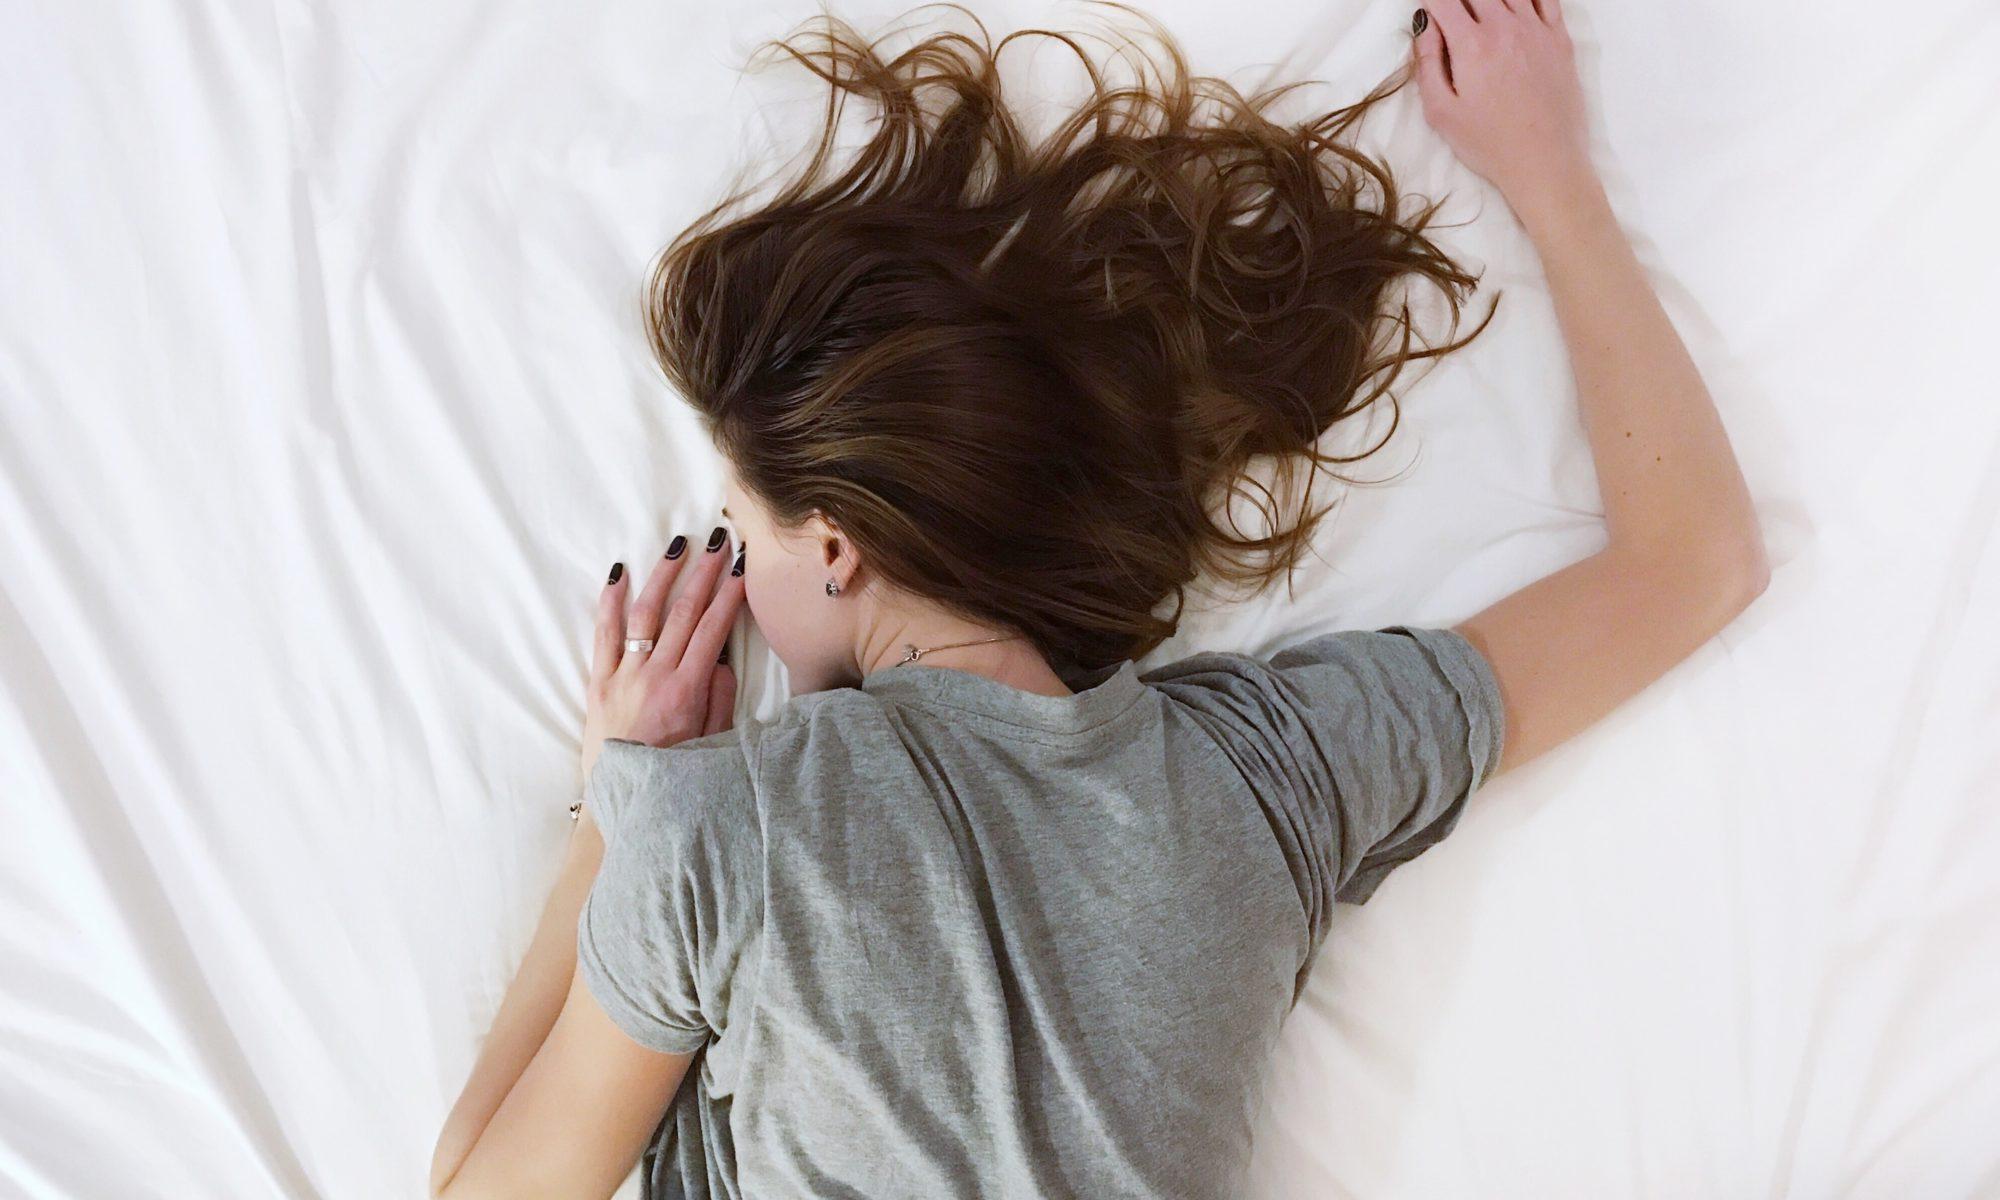 Frau liegt bäuchlings im Bett, zu sehen sind ihr Rücken und ihre langen Haare.